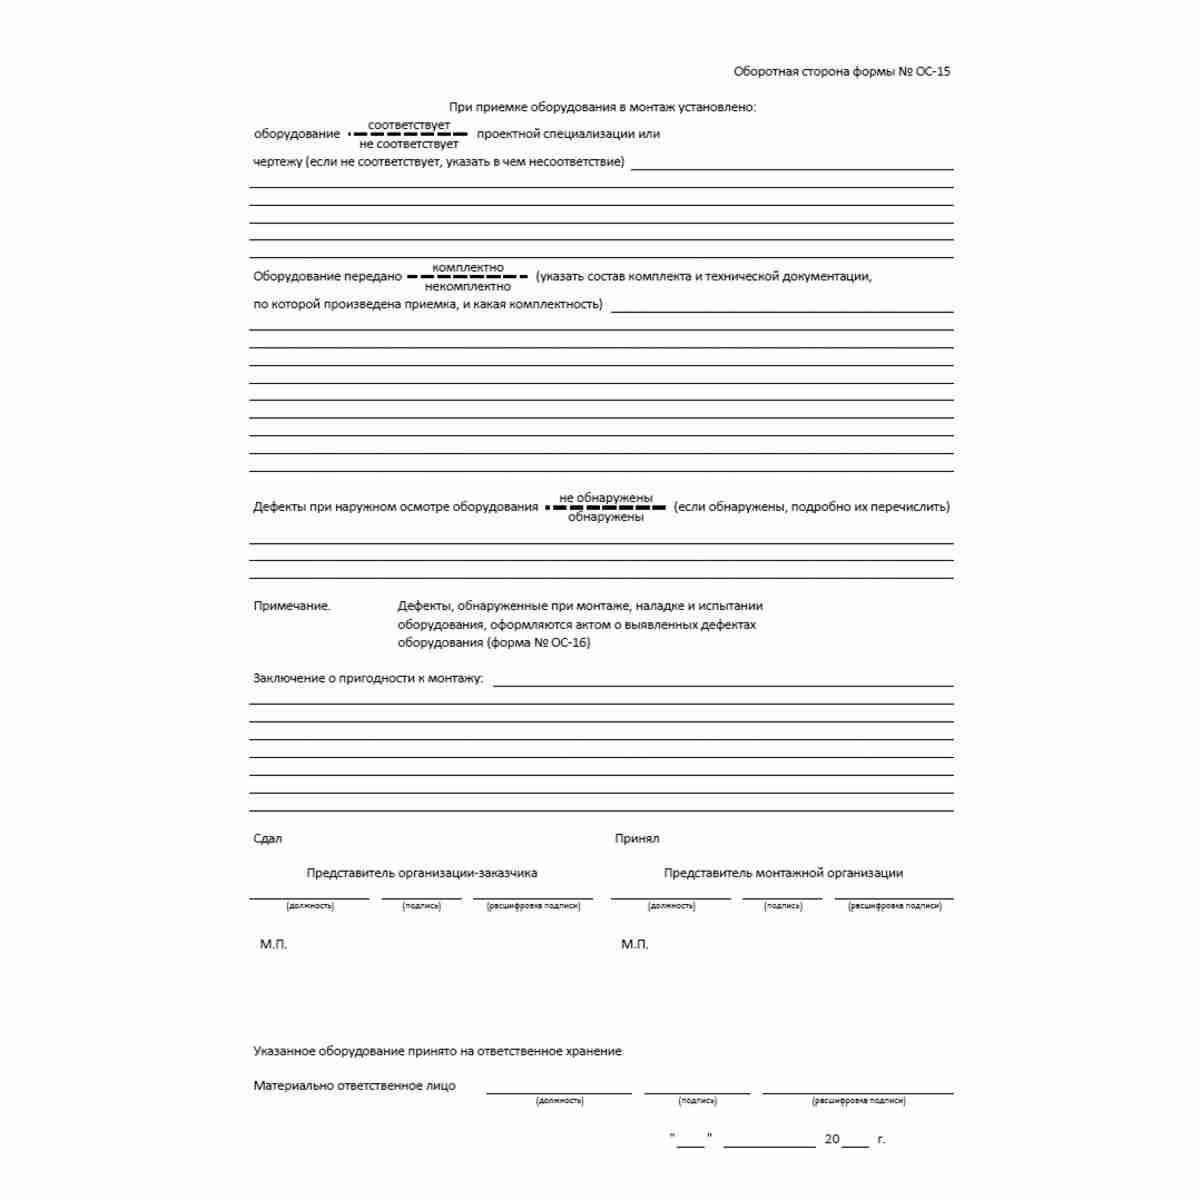 """Унифицированная форма первичной учетной документации № ОС-15 """"Акт о приеме-передаче оборудования в монтаж"""" (ОКУД 0306007). Оборотная сторона"""